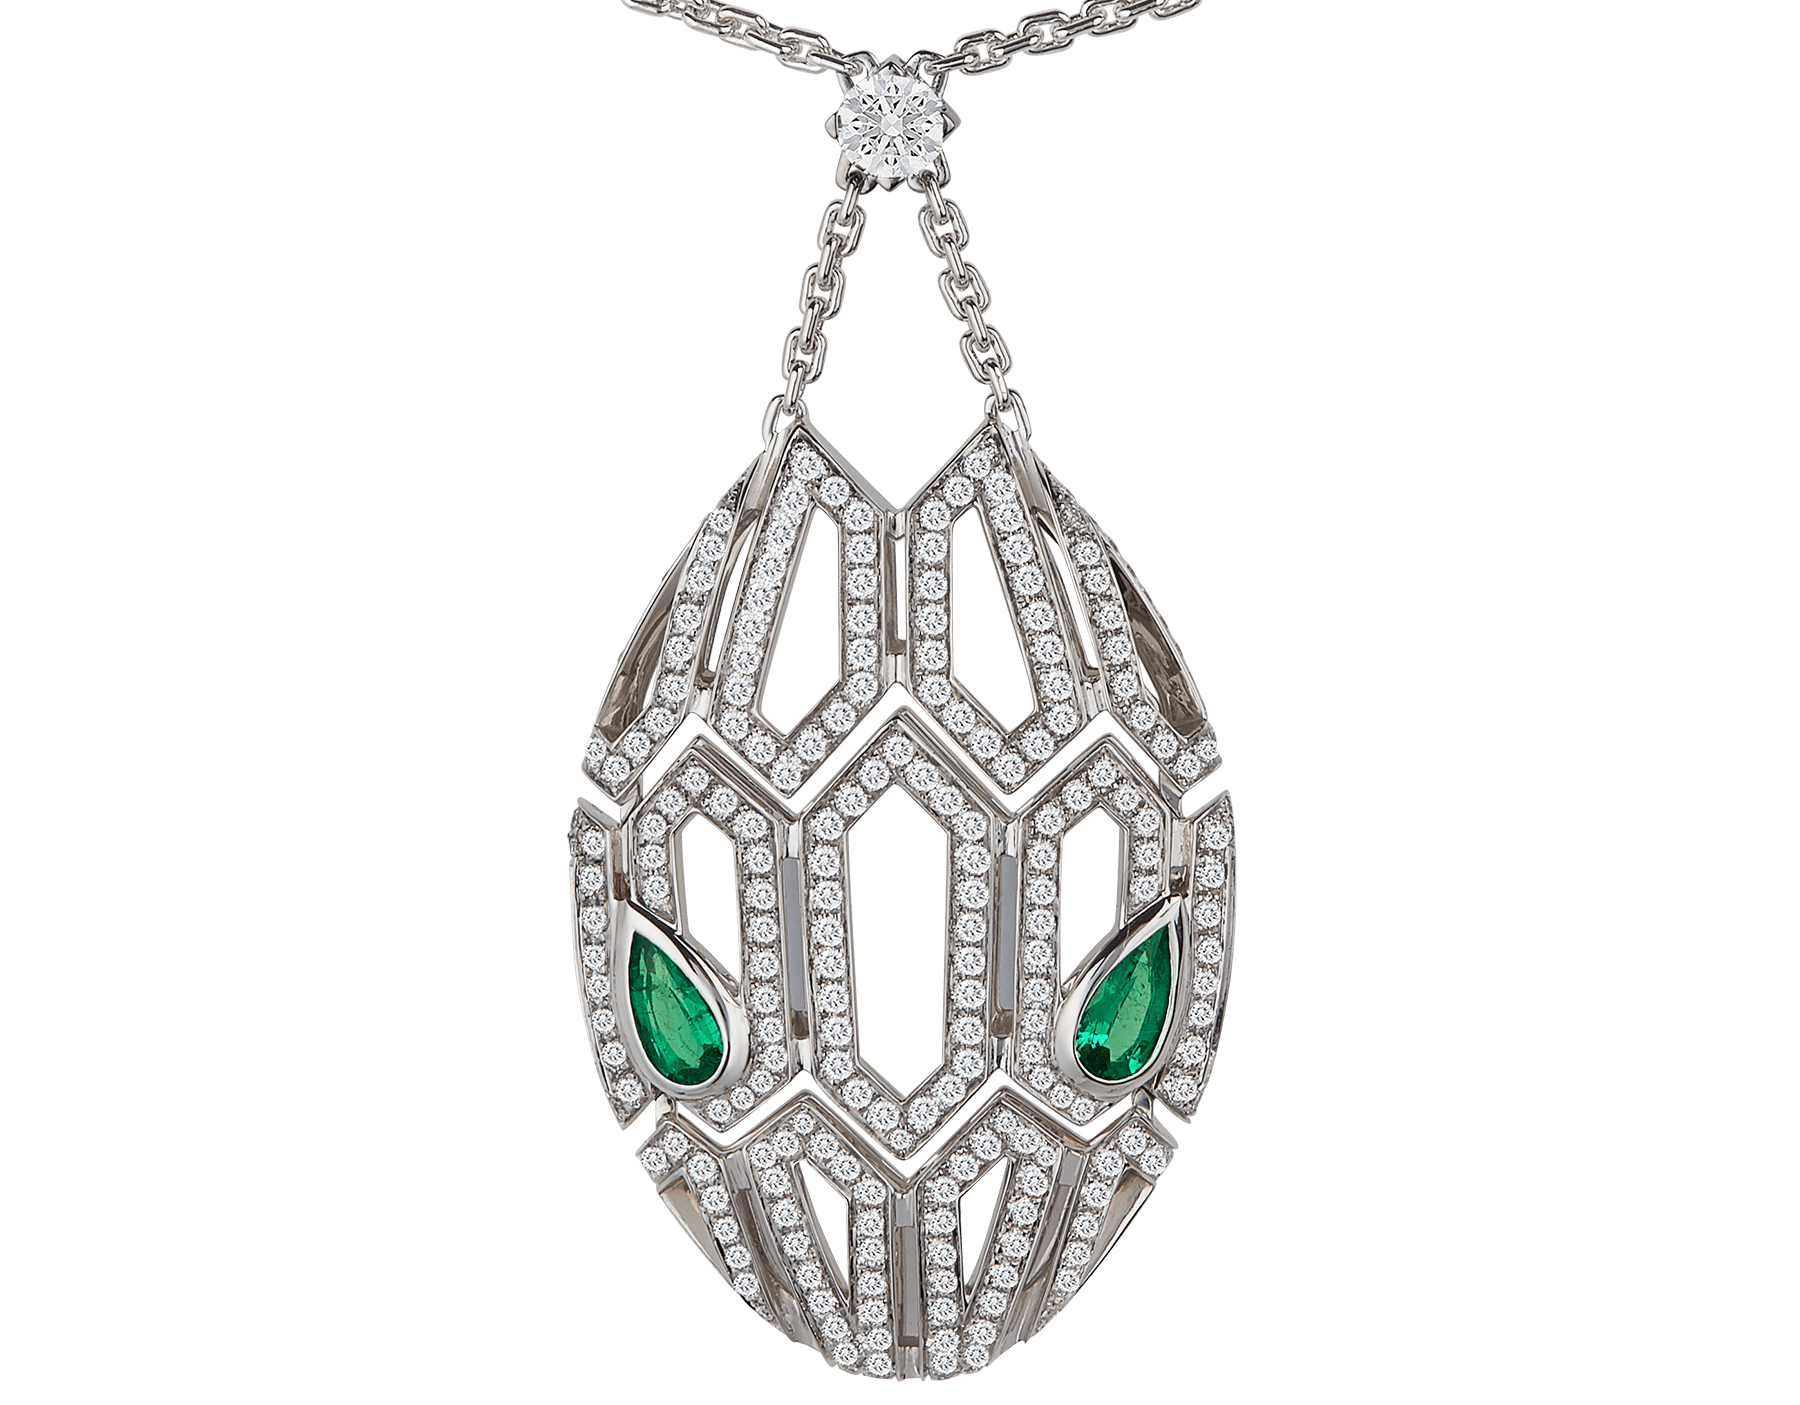 Колье Serpenti с восхитительным шестиугольным мотивом, украшенным бриллиантовым паве и напоминающим рисунок змеиной кожи, излучает страсть и завораживает магнетическим взглядом изумрудных змеиных глаз. 352752 image 3